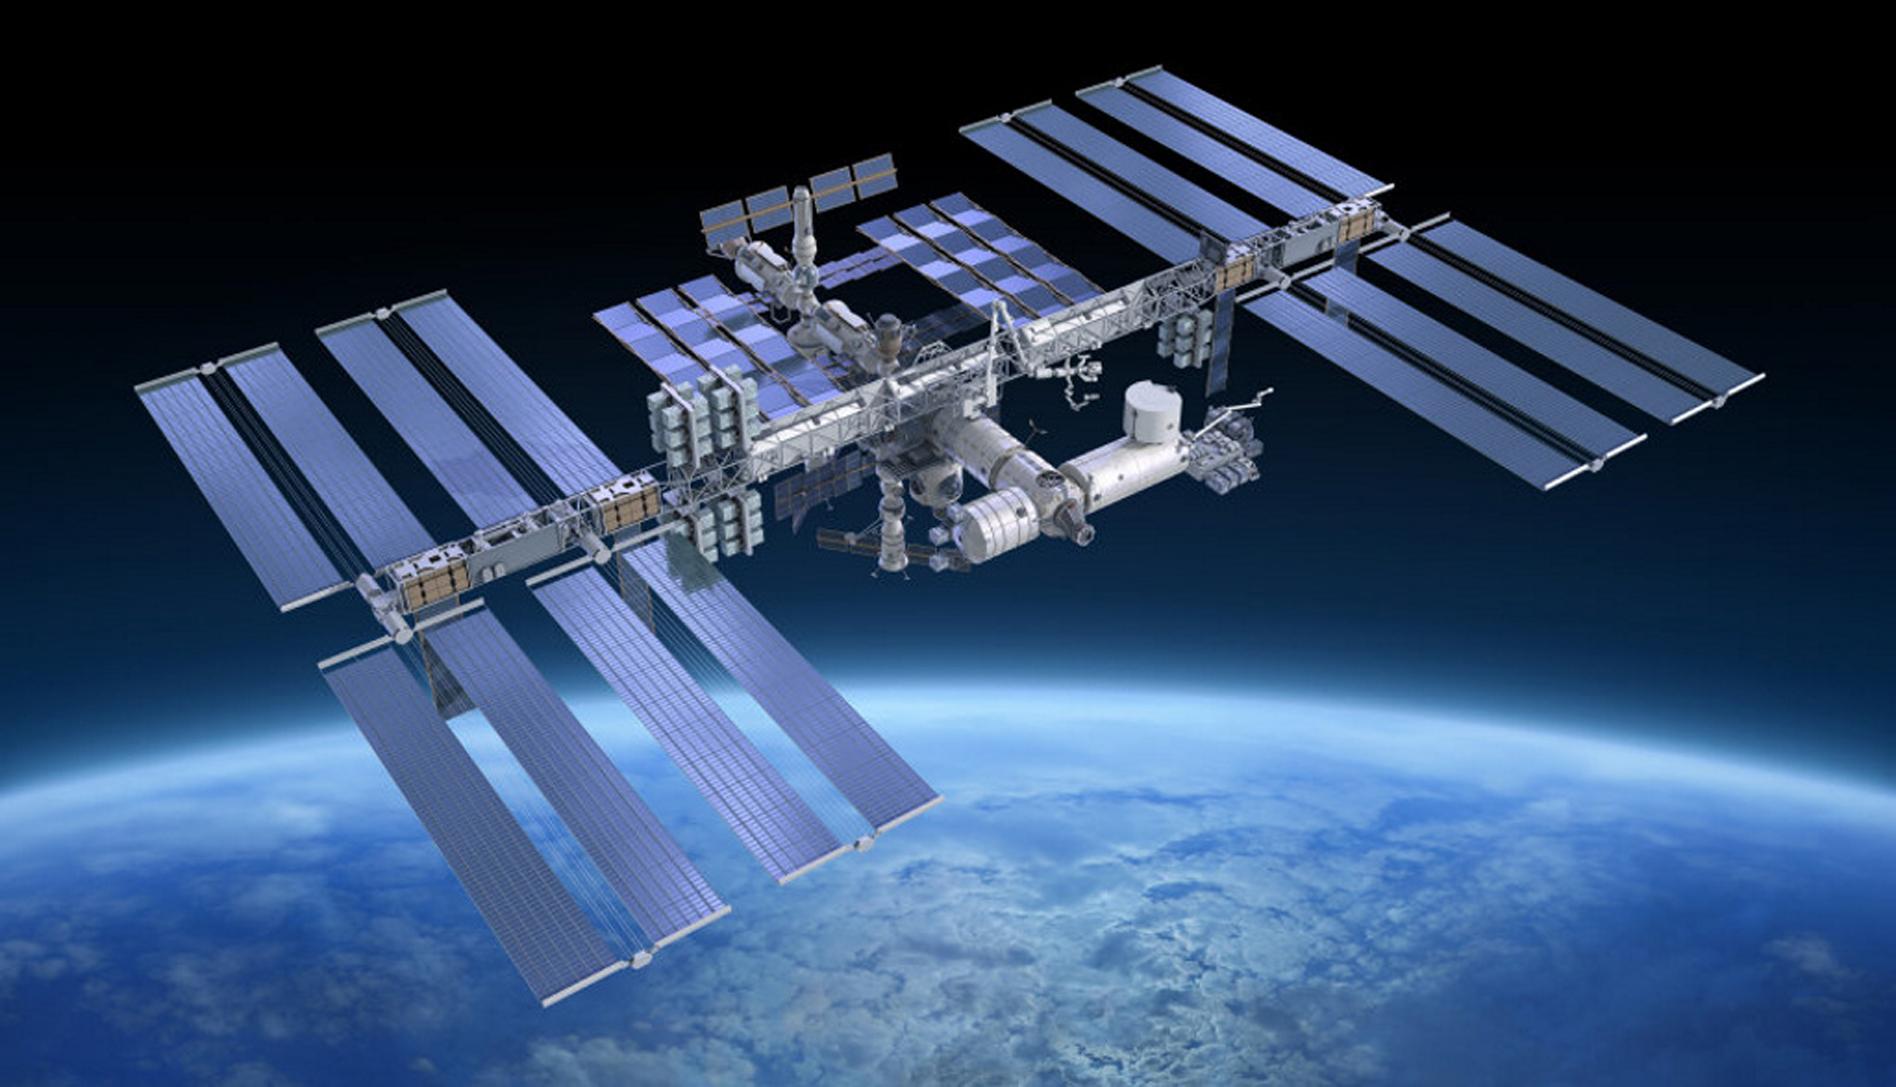 La bacteria descubierta en la Estación Espacial Internacional no es extraterrestre